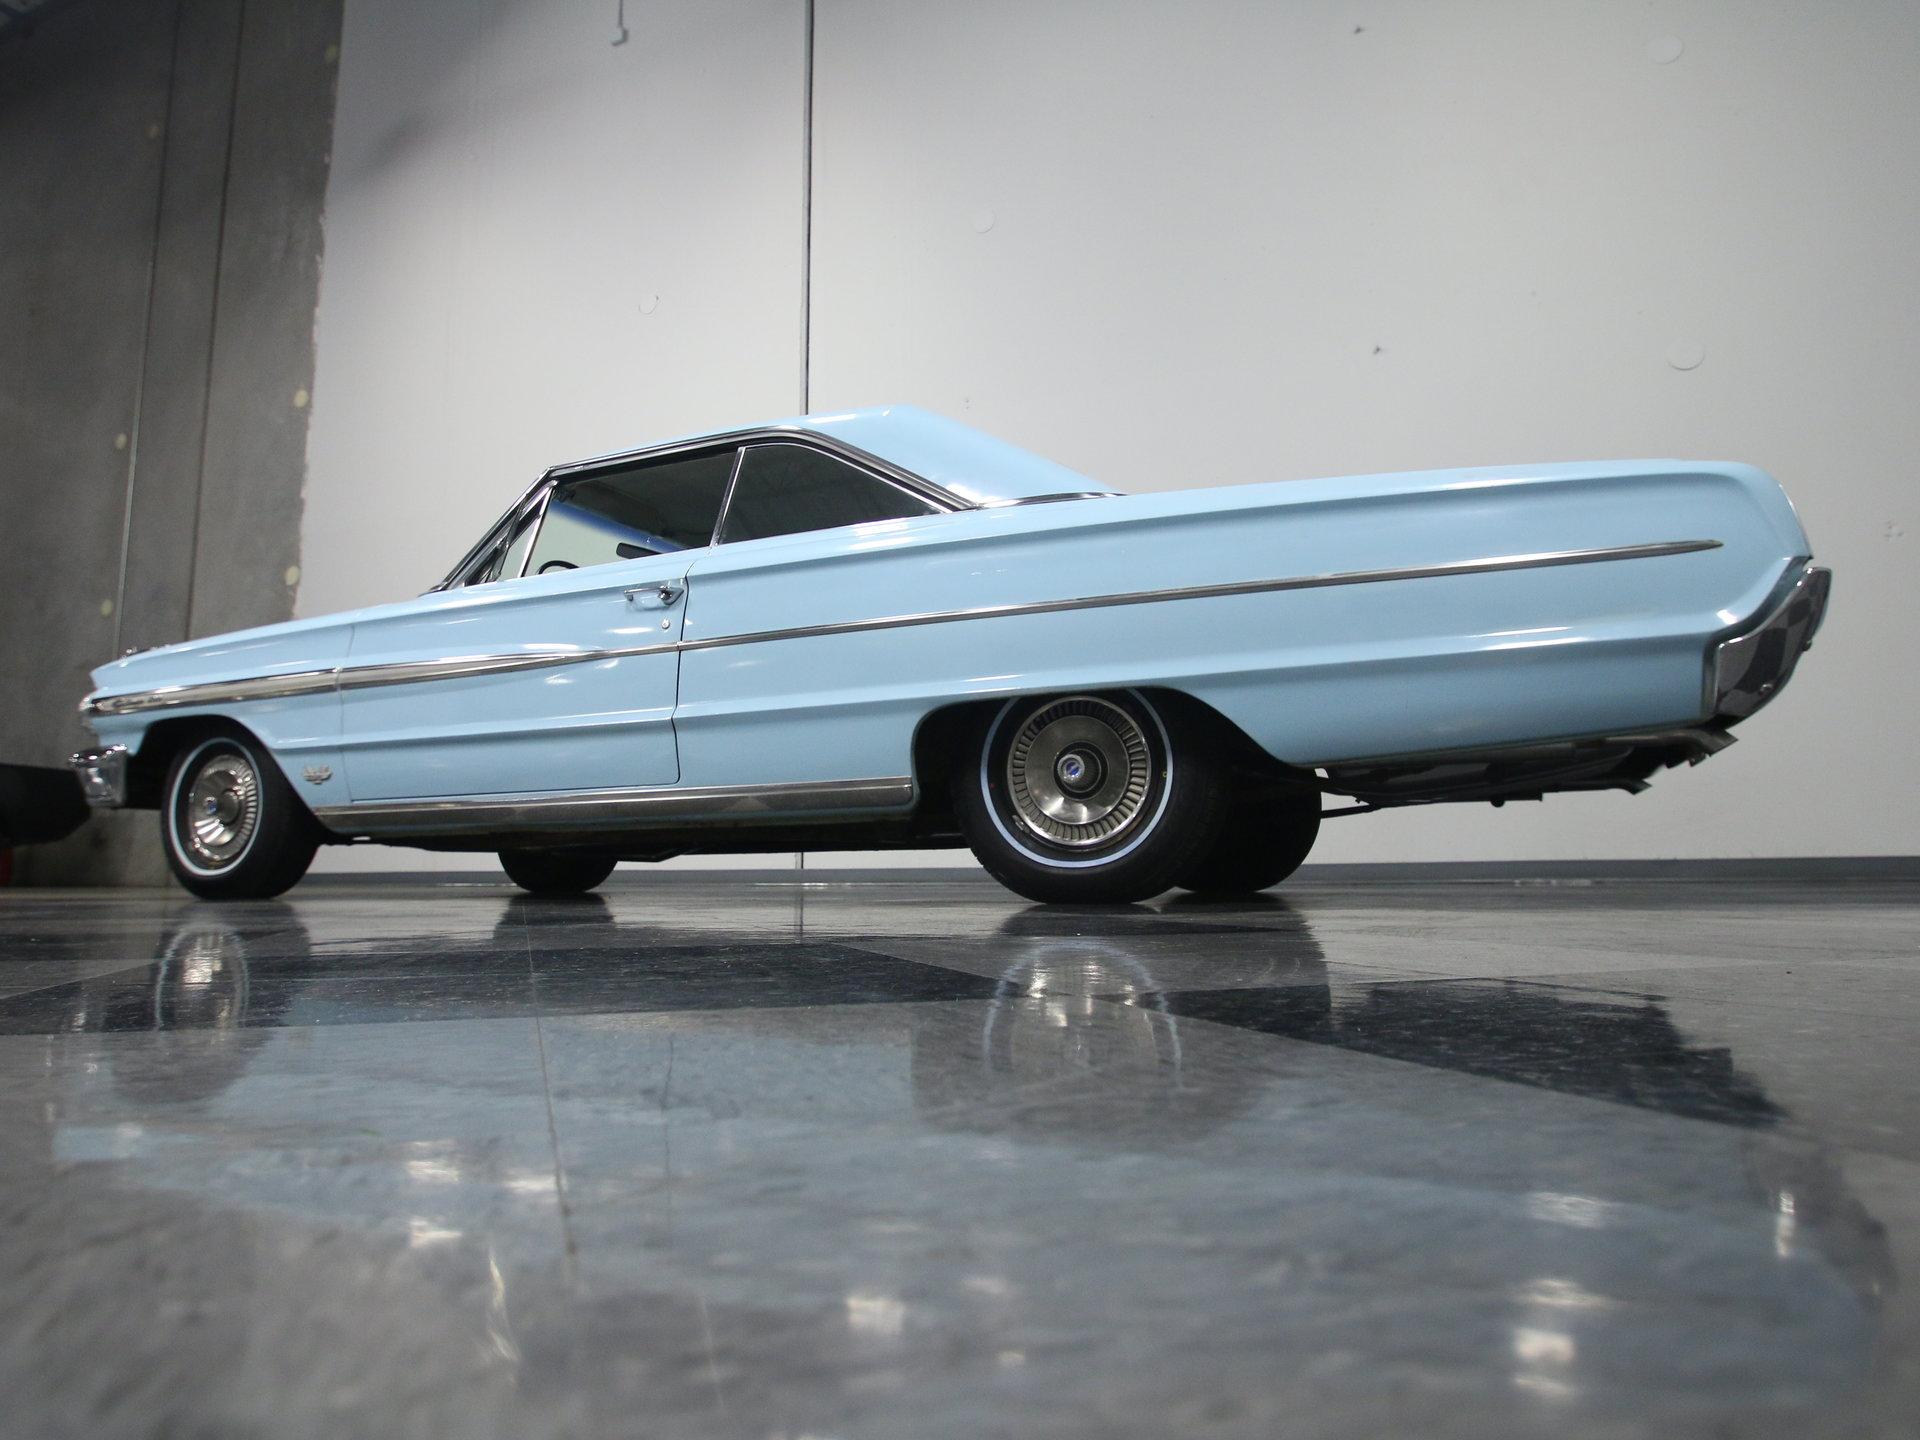 1964 Ford Galaxie 500 For Sale 48517 Mcg Ltd Convertible